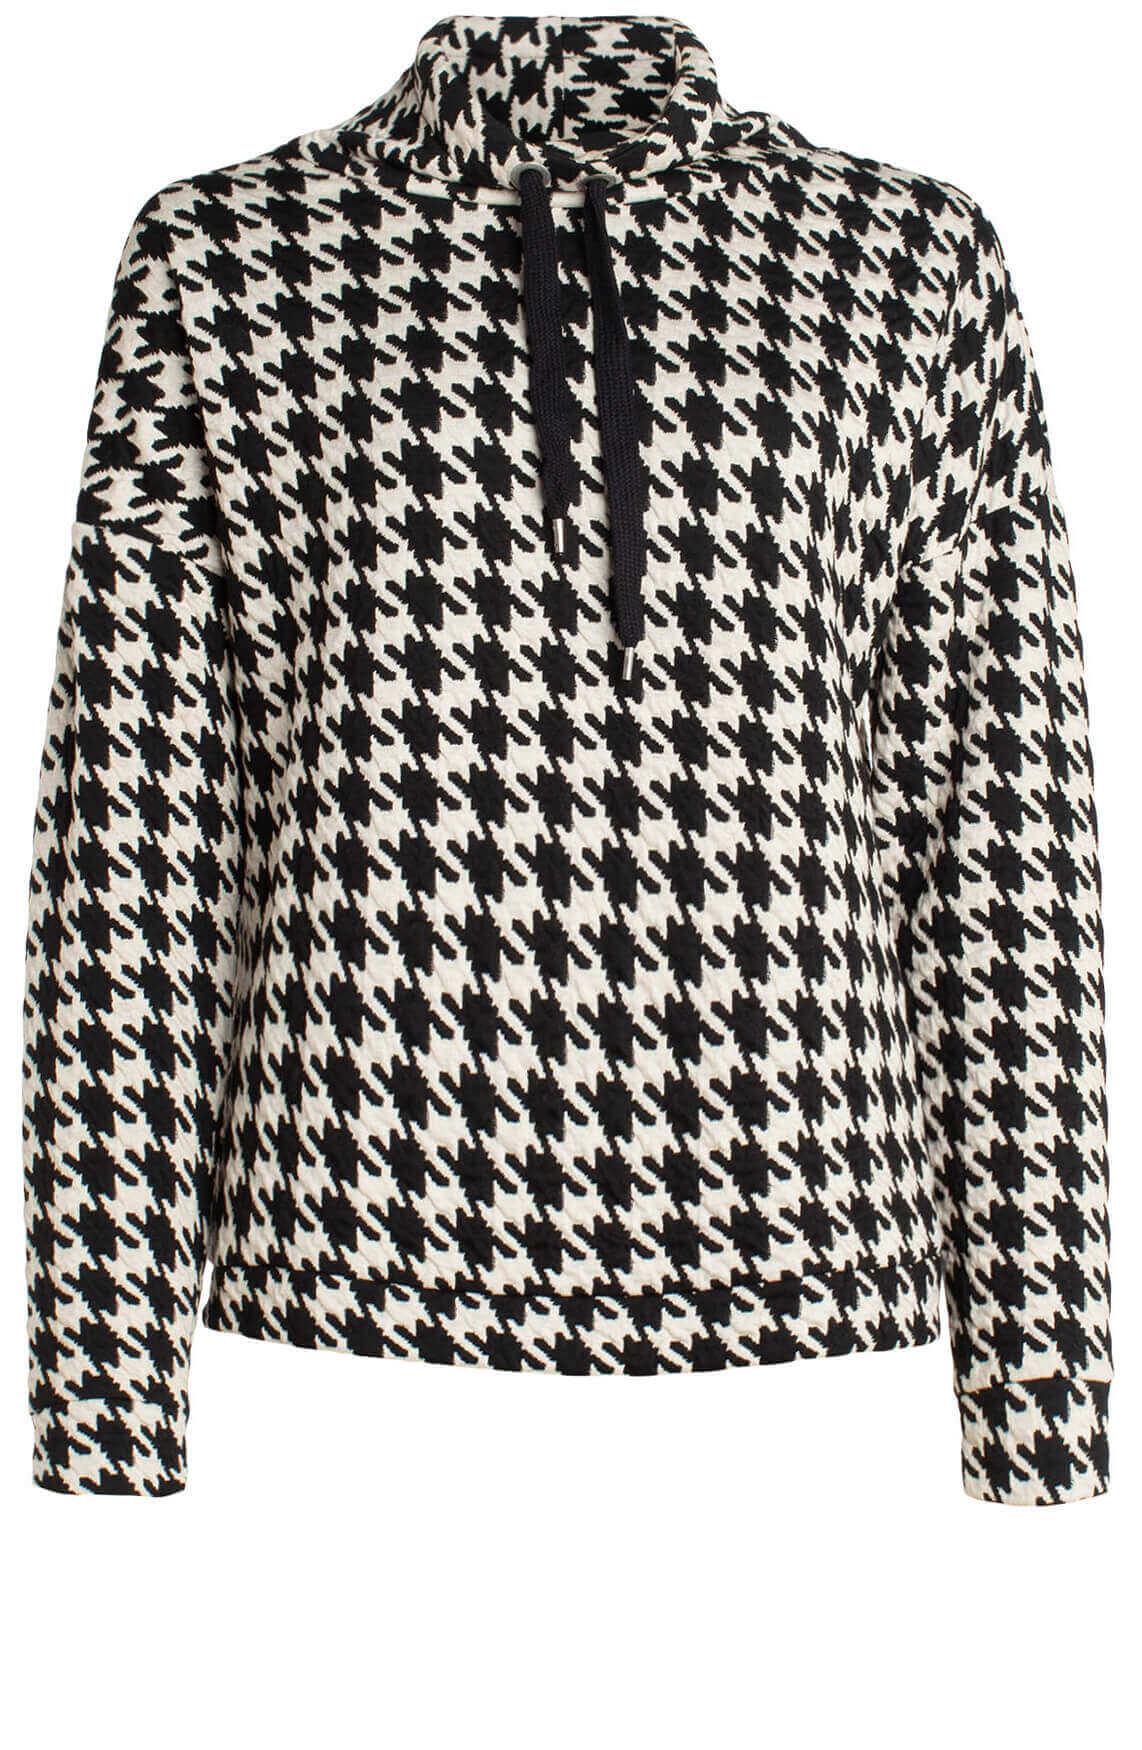 Anna Dames Pied-de-coq sweater zwart